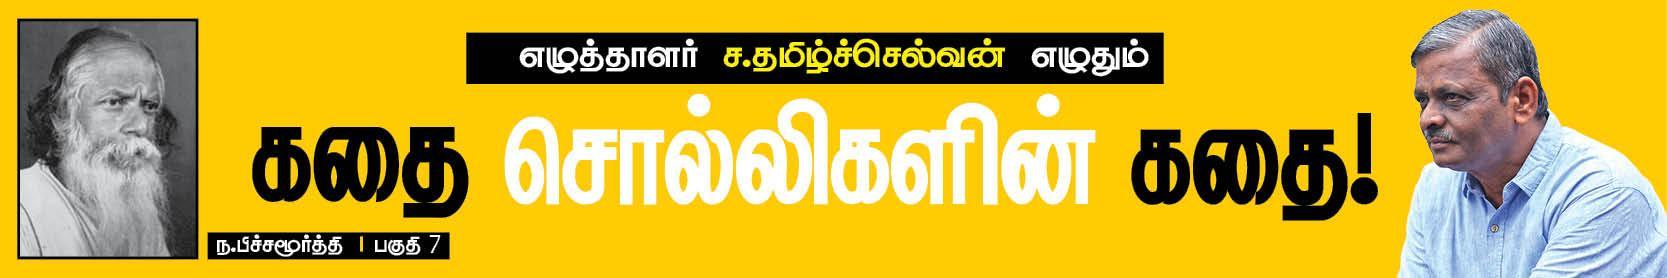 ந.பிச்சமூர்த்தி